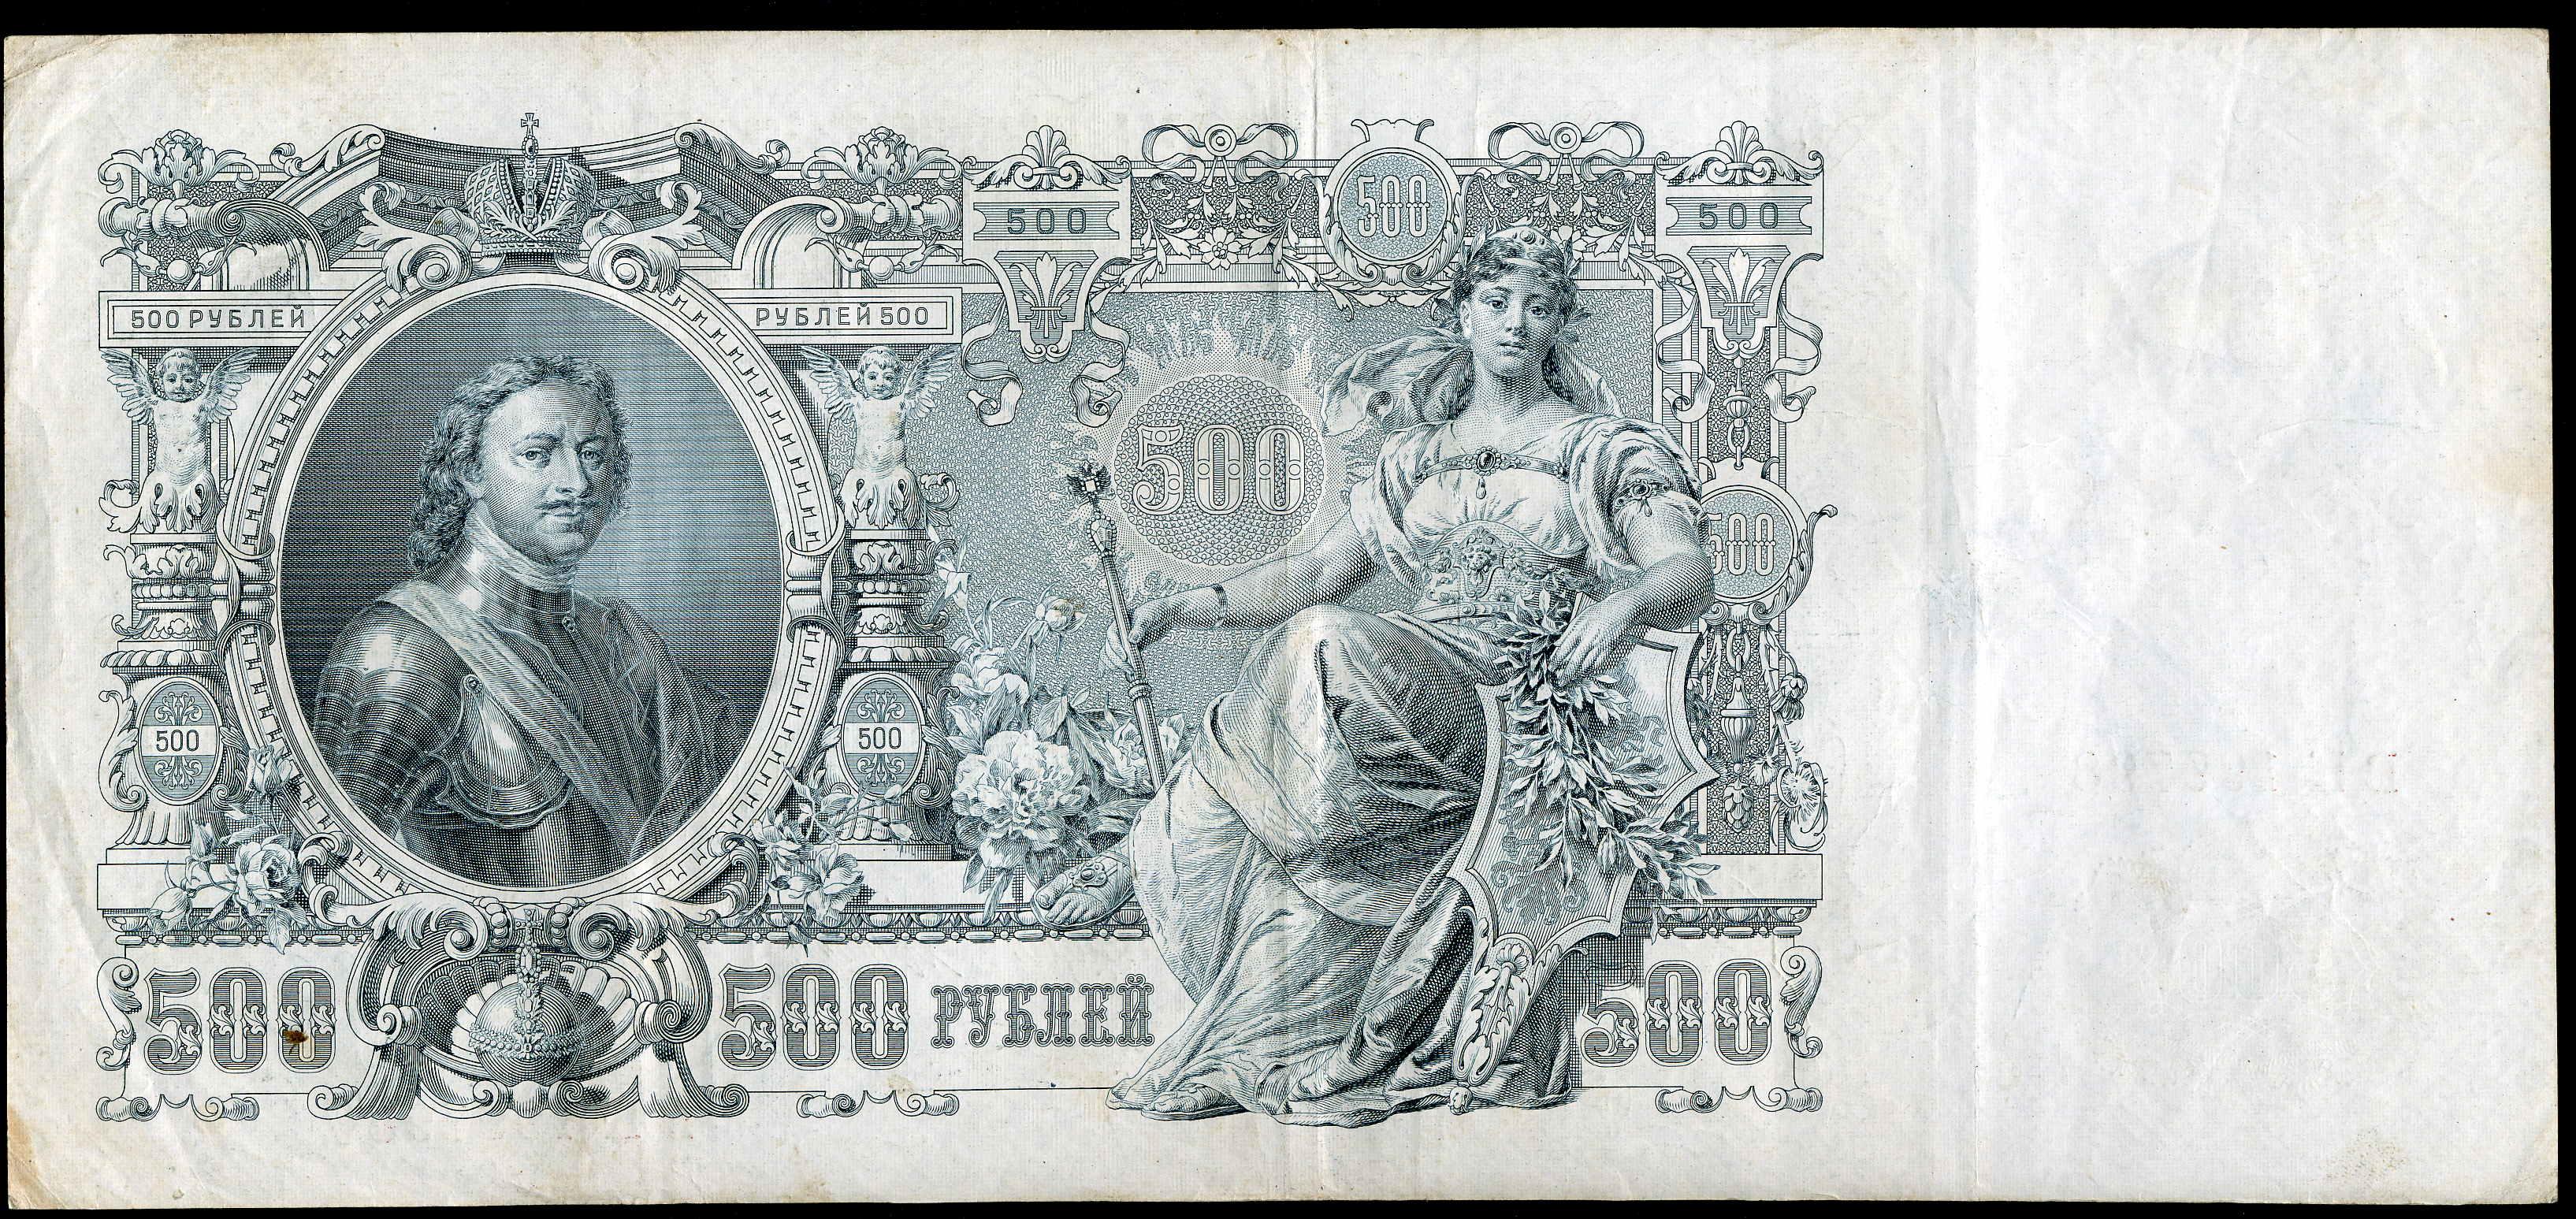 Русфинанс банк оплатить кредит картой сбербанка онлайн